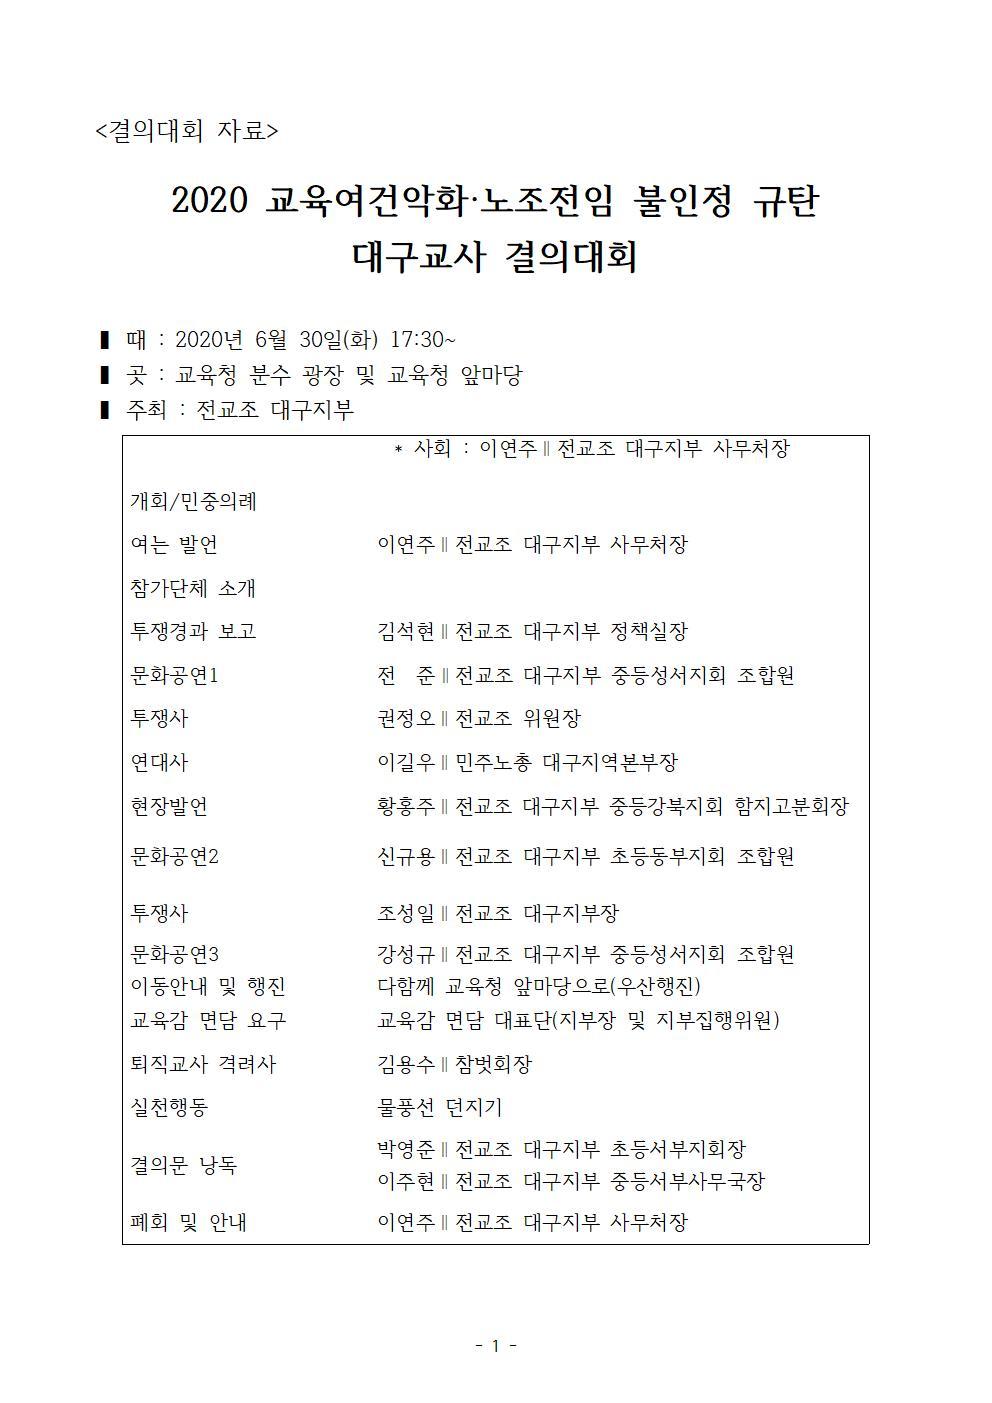 순서지_&_결의문_630_교사결의대회_사무처_수정001.jpg